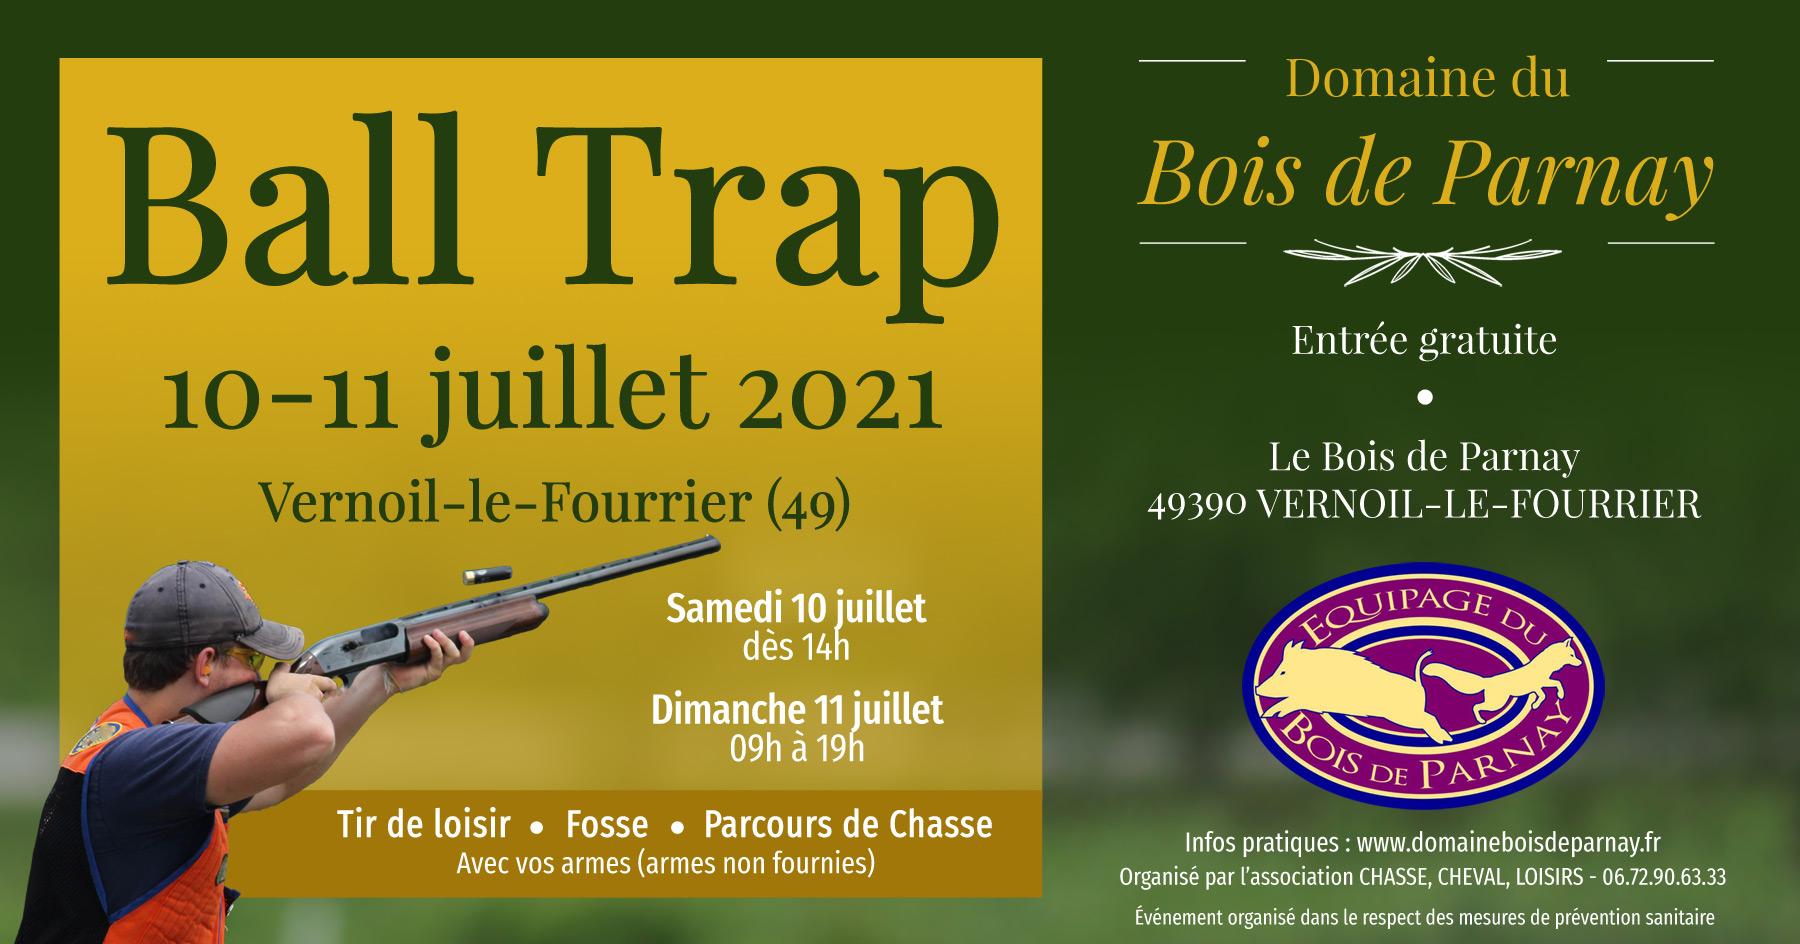 Ball Trap les 10-11 juillet 2021 à Vernoil le Fourrier